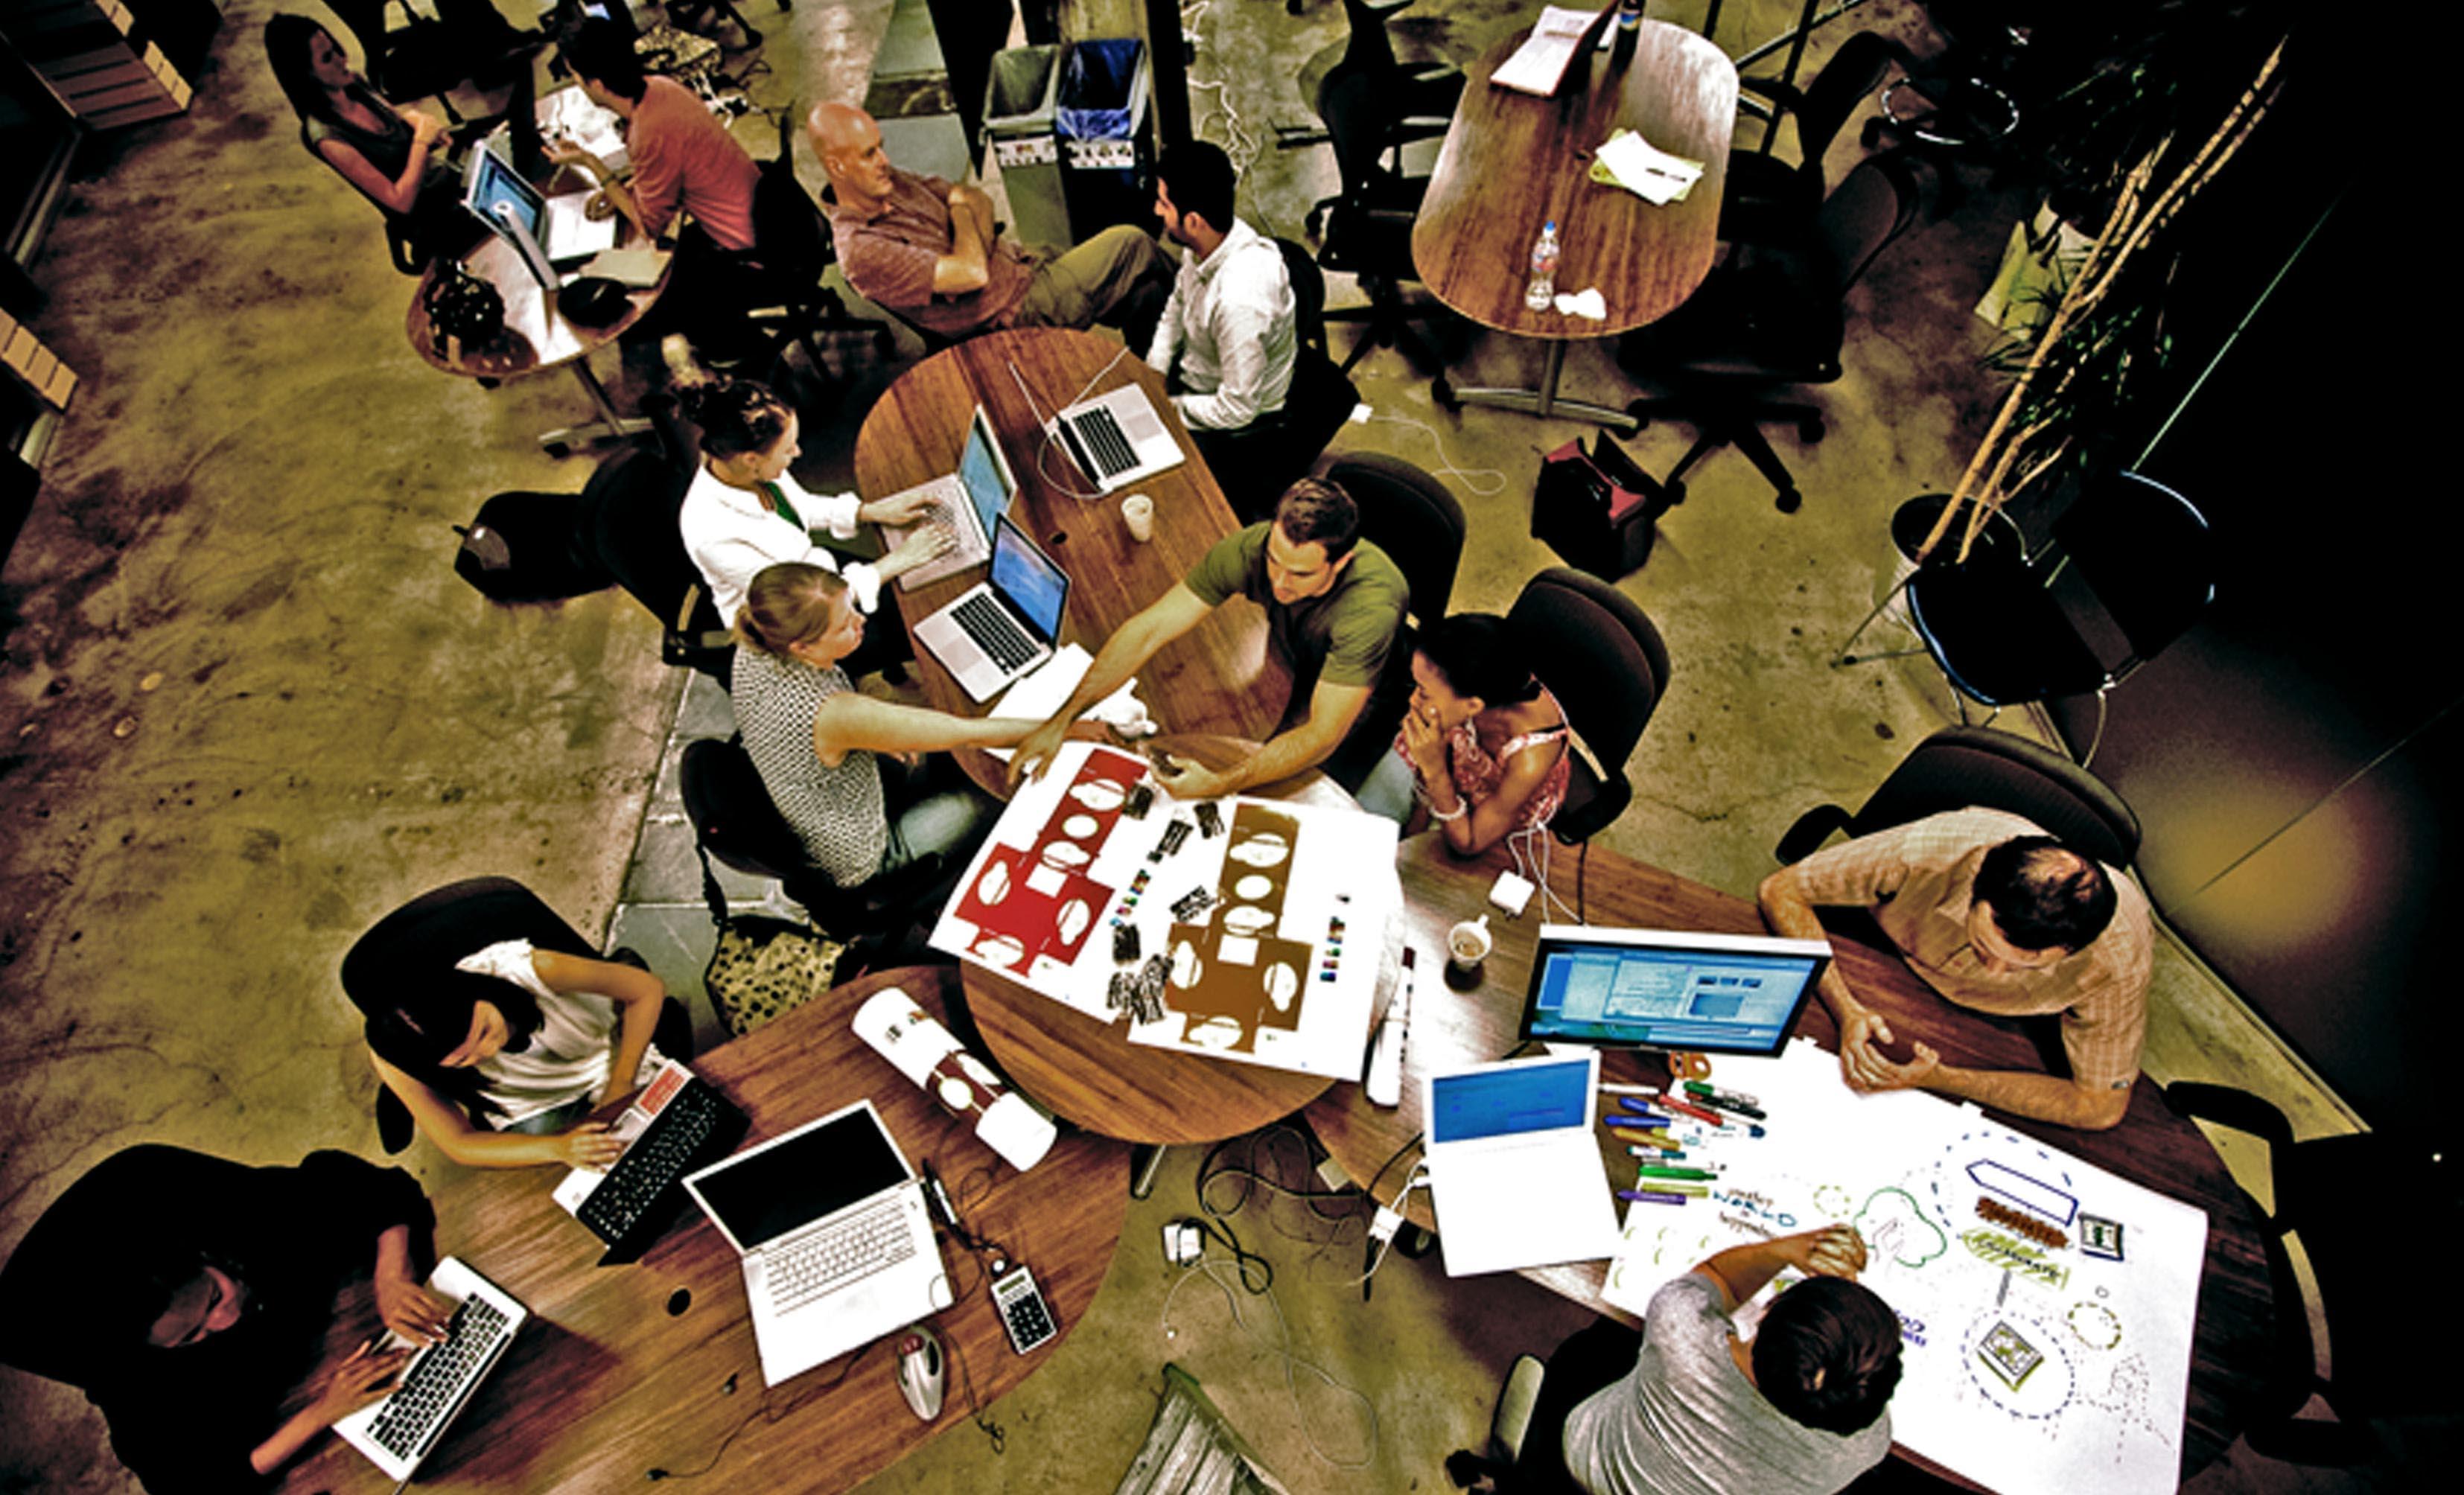 por Impact Hub licenciado bajo CC BY-SA 2.0